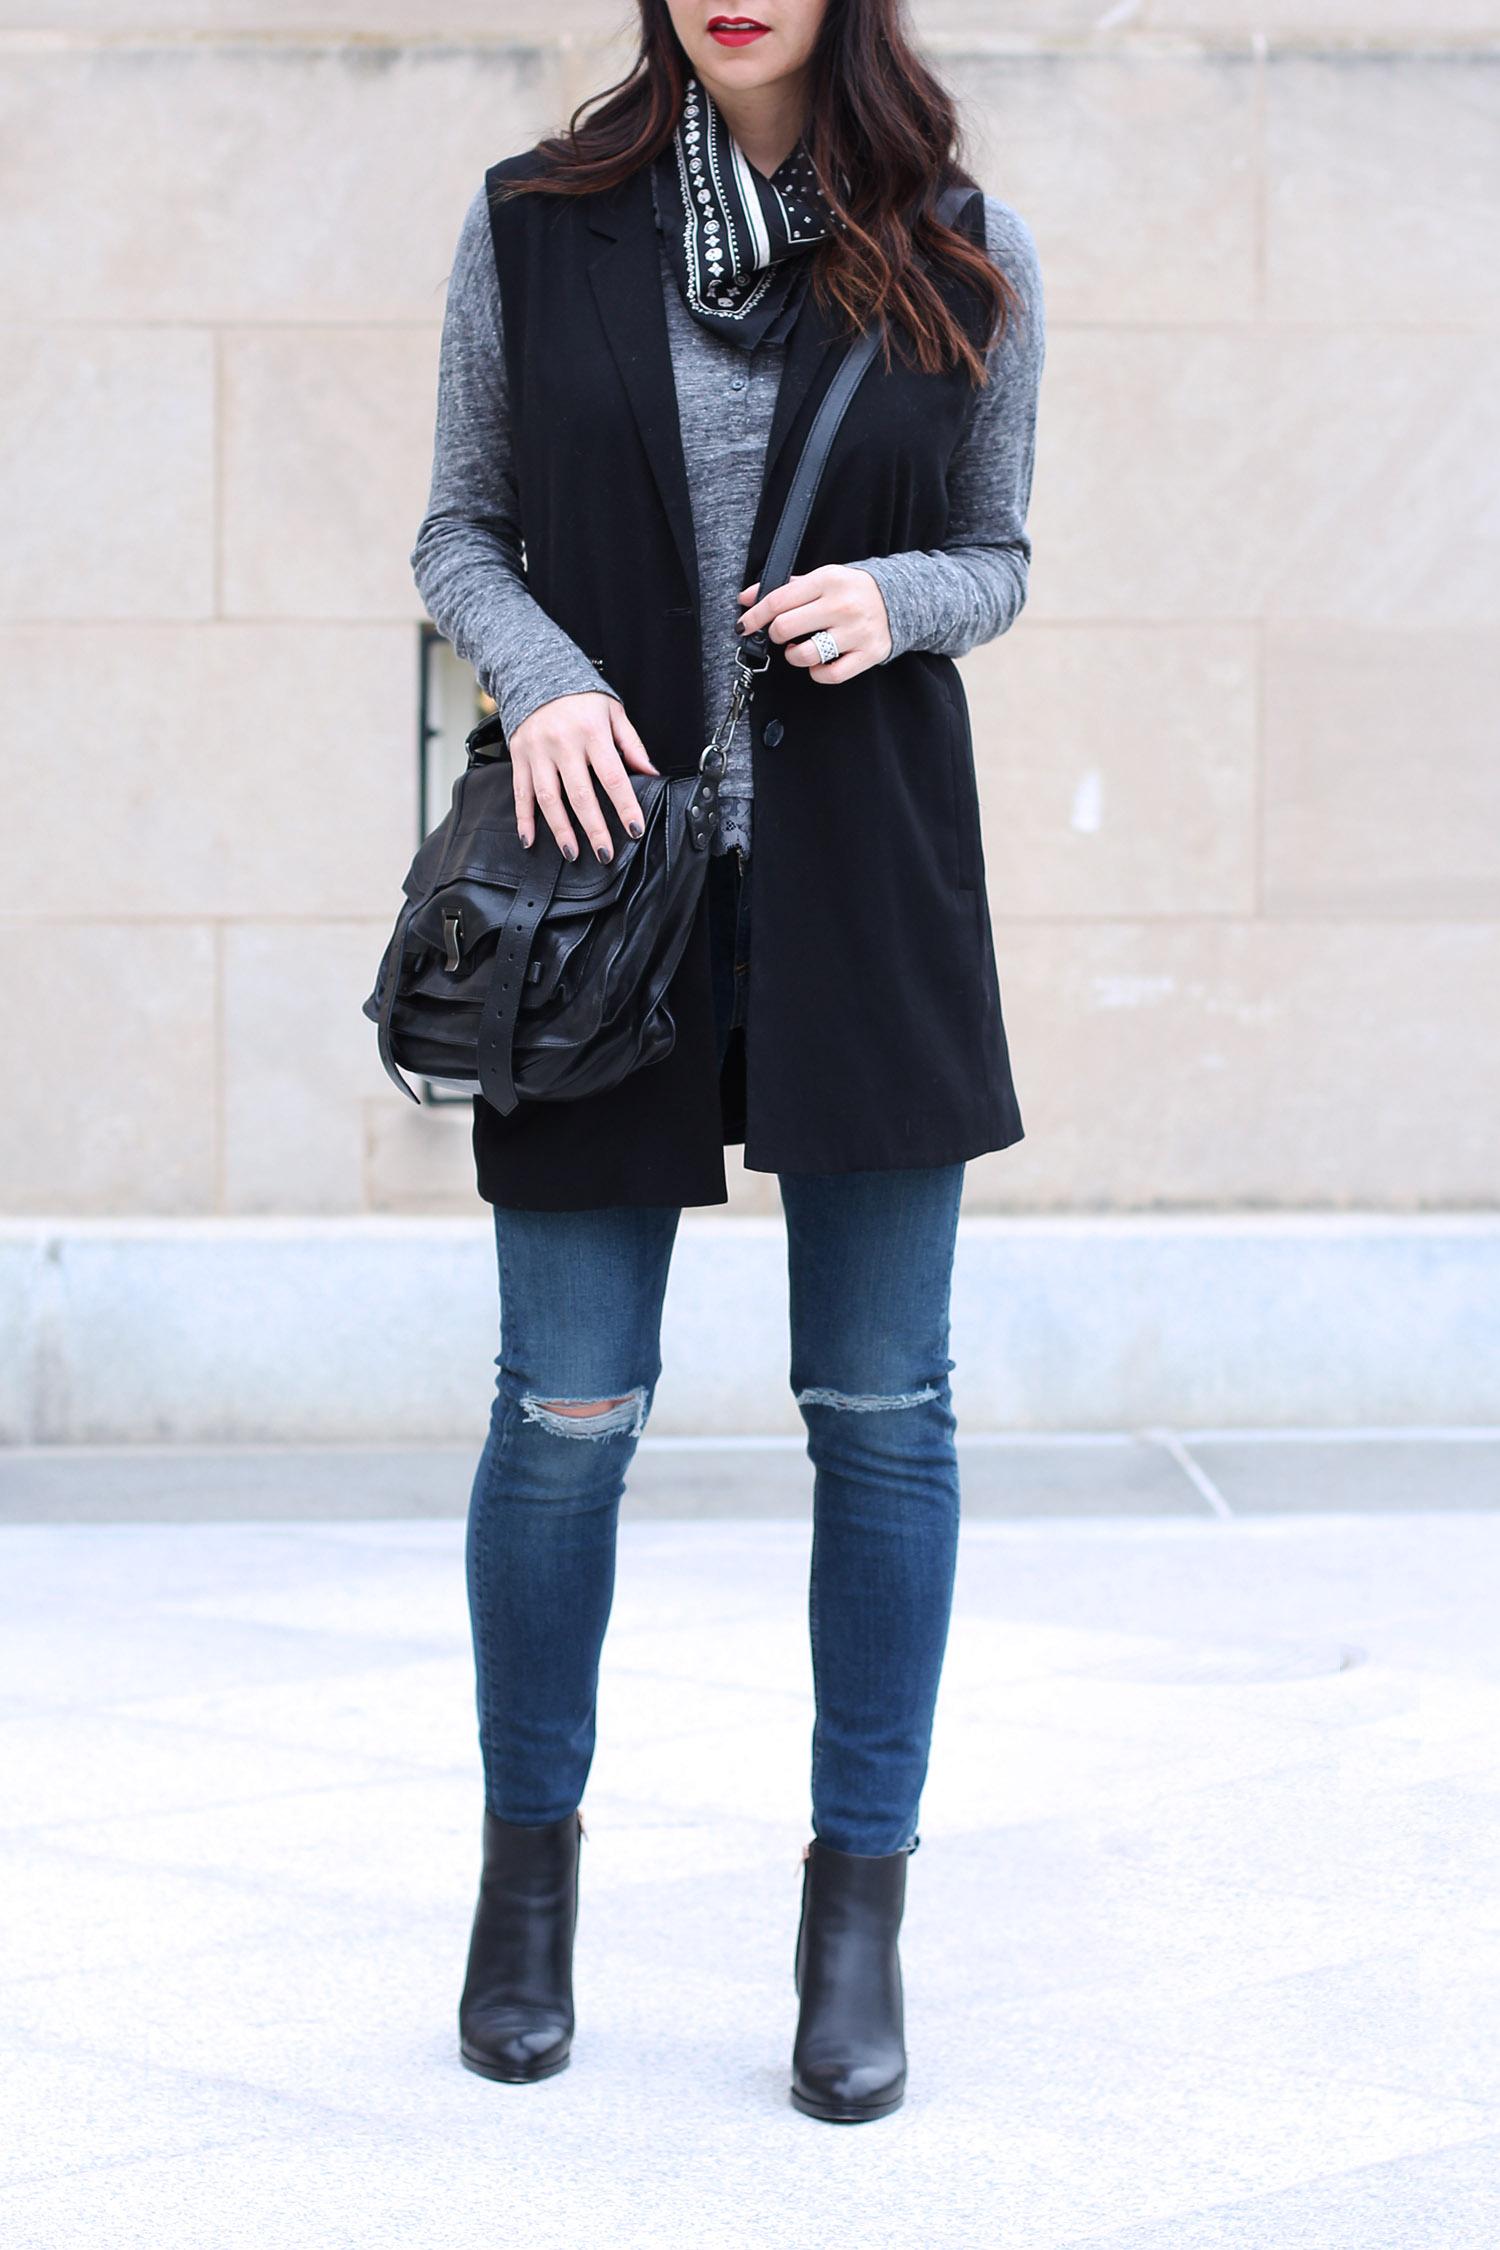 Proenza Schouler PS1 Satchel, Dust Vest Outfit